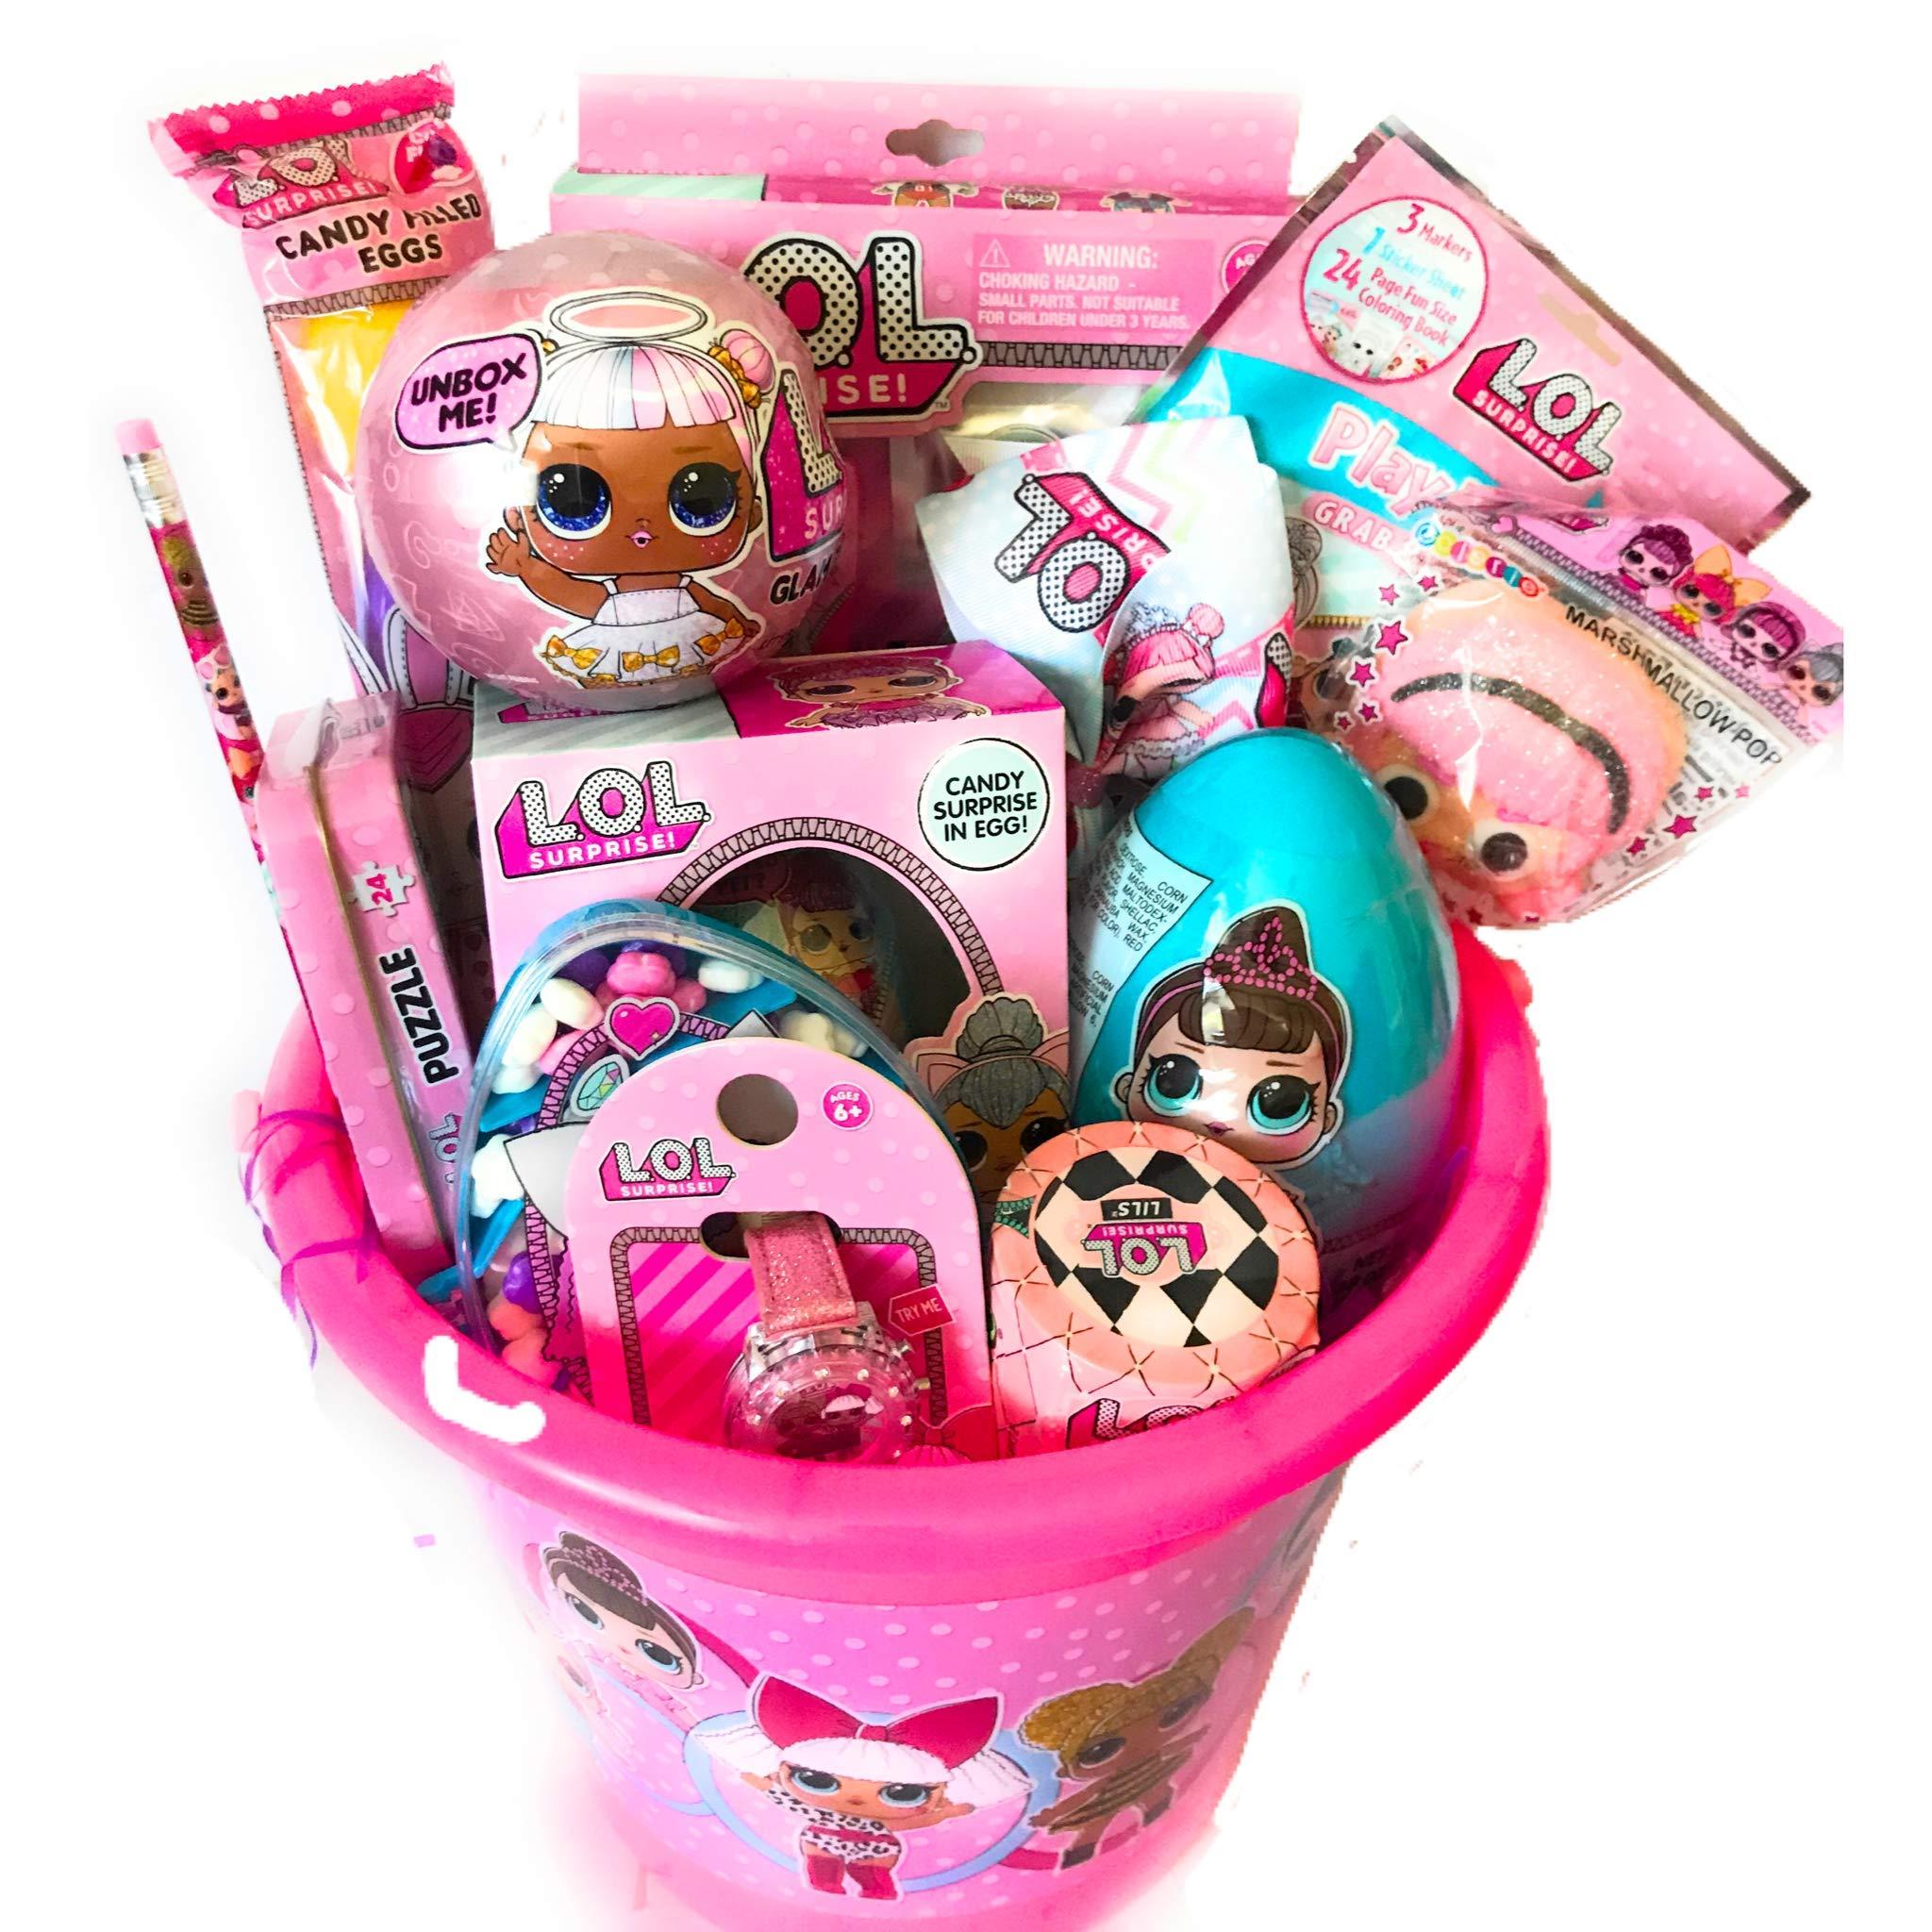 LOL Surprises Easter Basket, Makeover Series, Hairgoals, Lil Sis